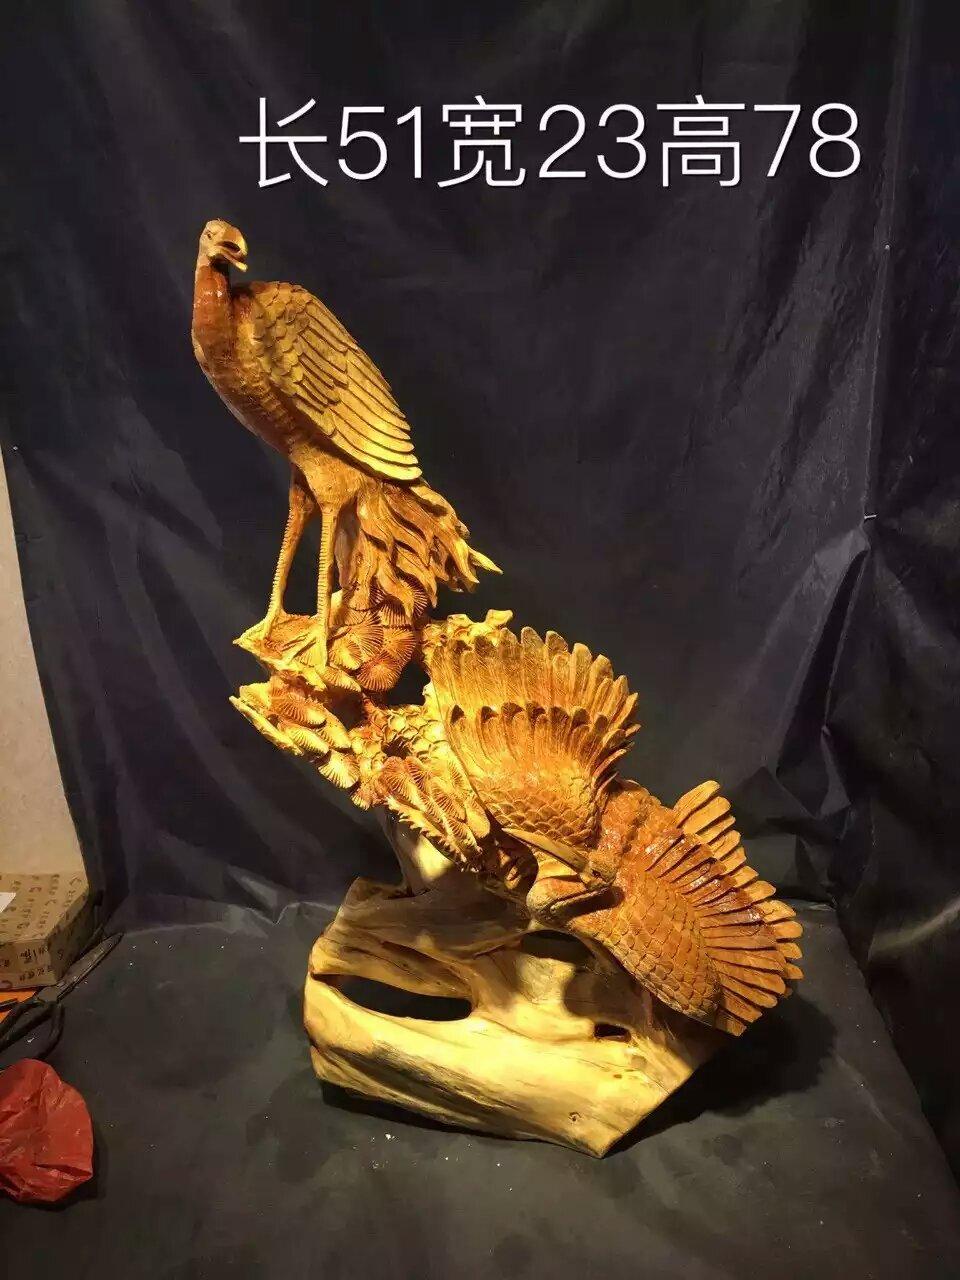 仙鹤鸟动物树根雕摆件送人木质工艺品客厅整块原木